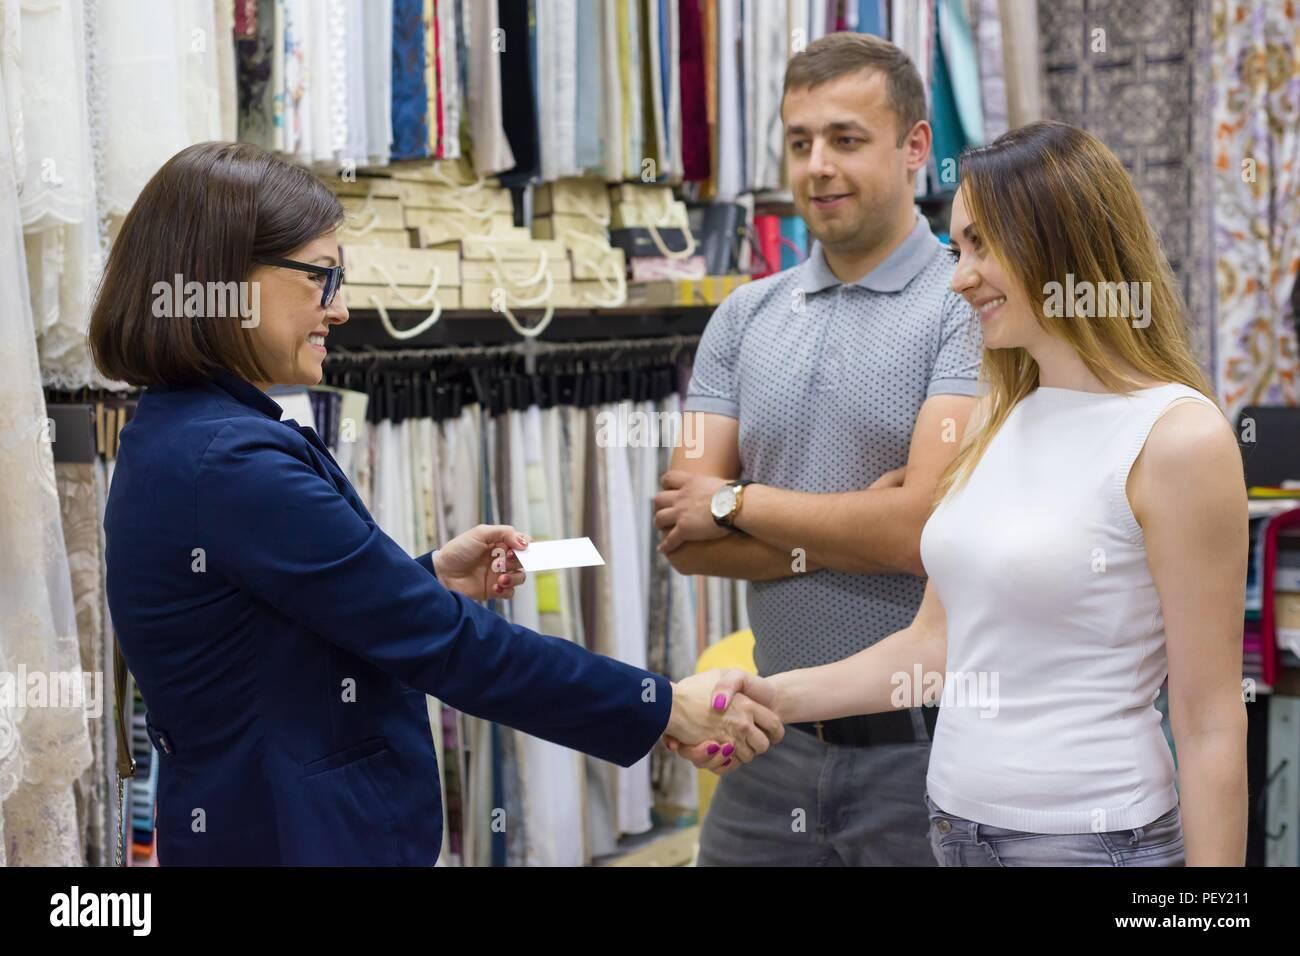 Weibliche store Eigentümer gibt Visitenkarte auf ein junges Paar. Small Business home Textil shop Stockbild